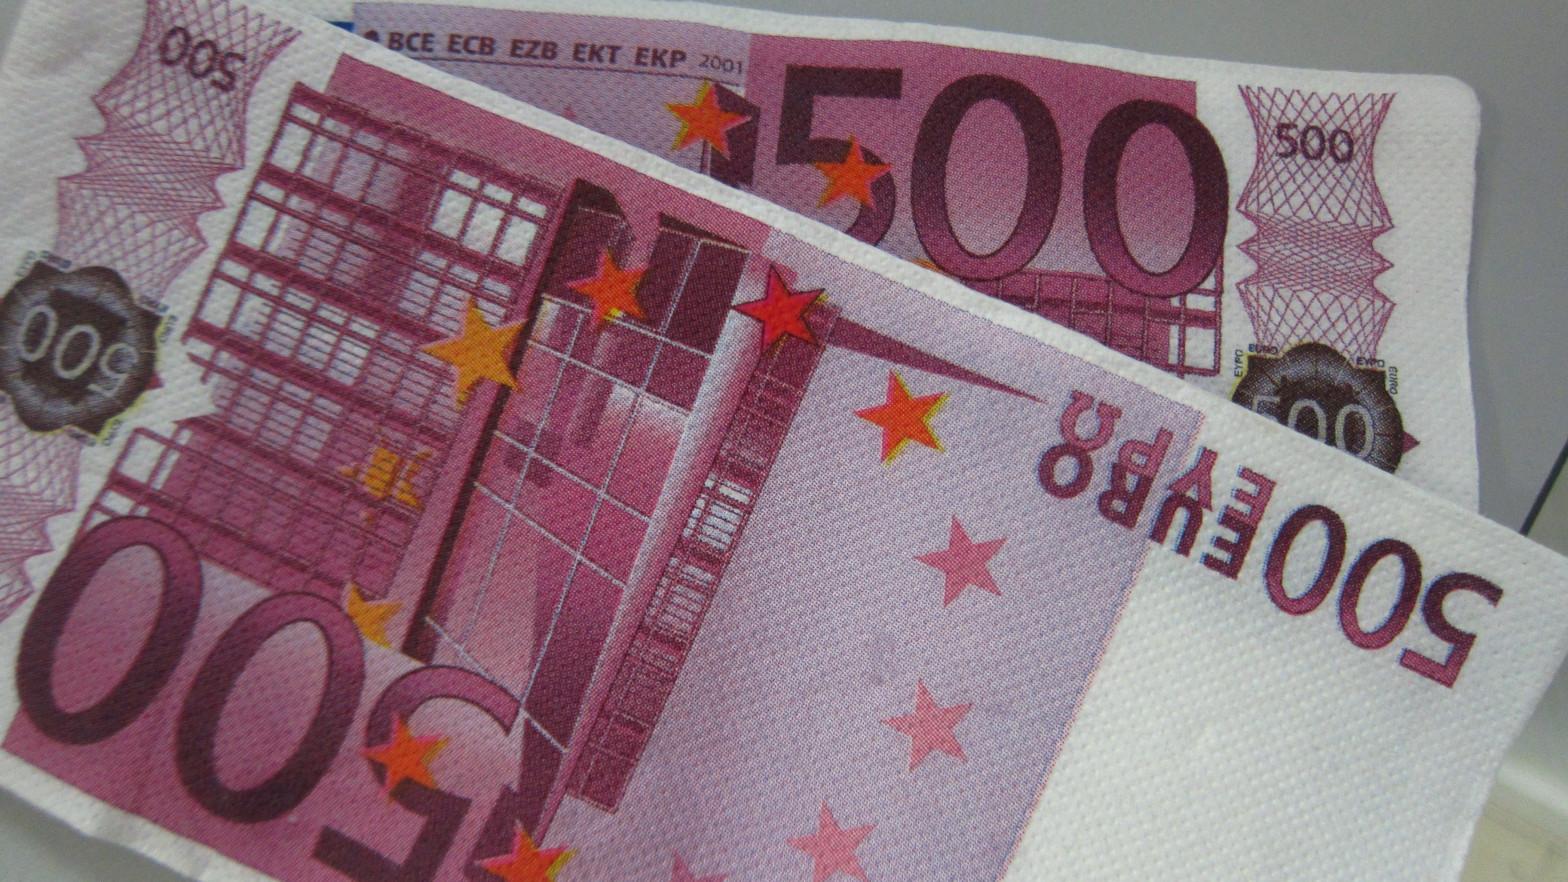 Cae el número de billetes de 500 euros